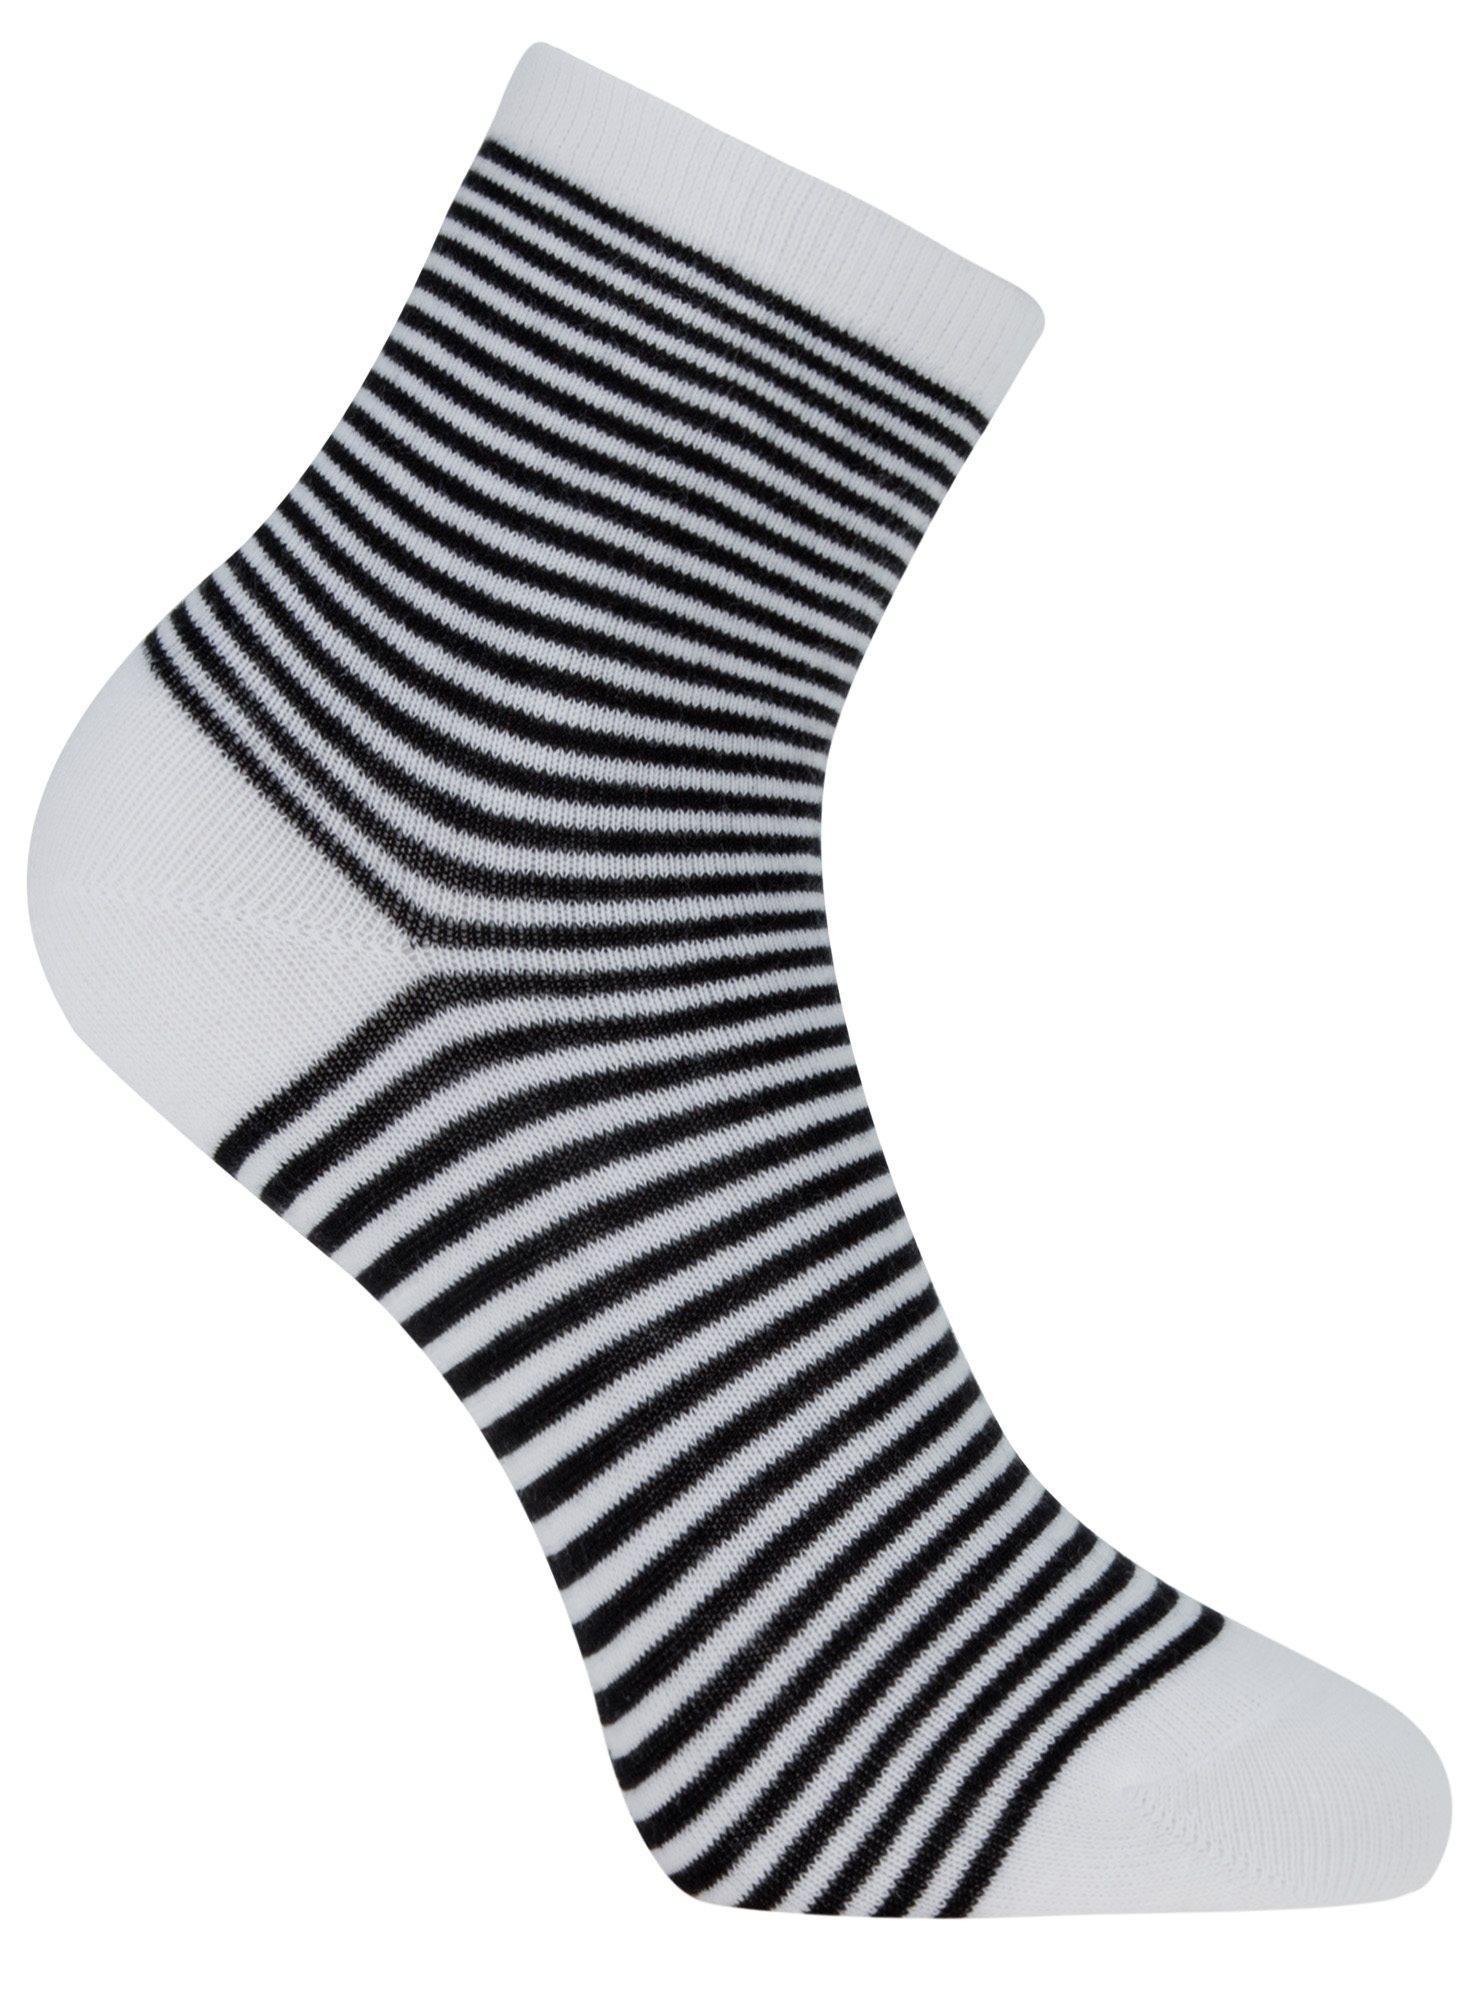 Носки базовые хлопковые oodji для женщины (белый), 57102466B/47469/1029S